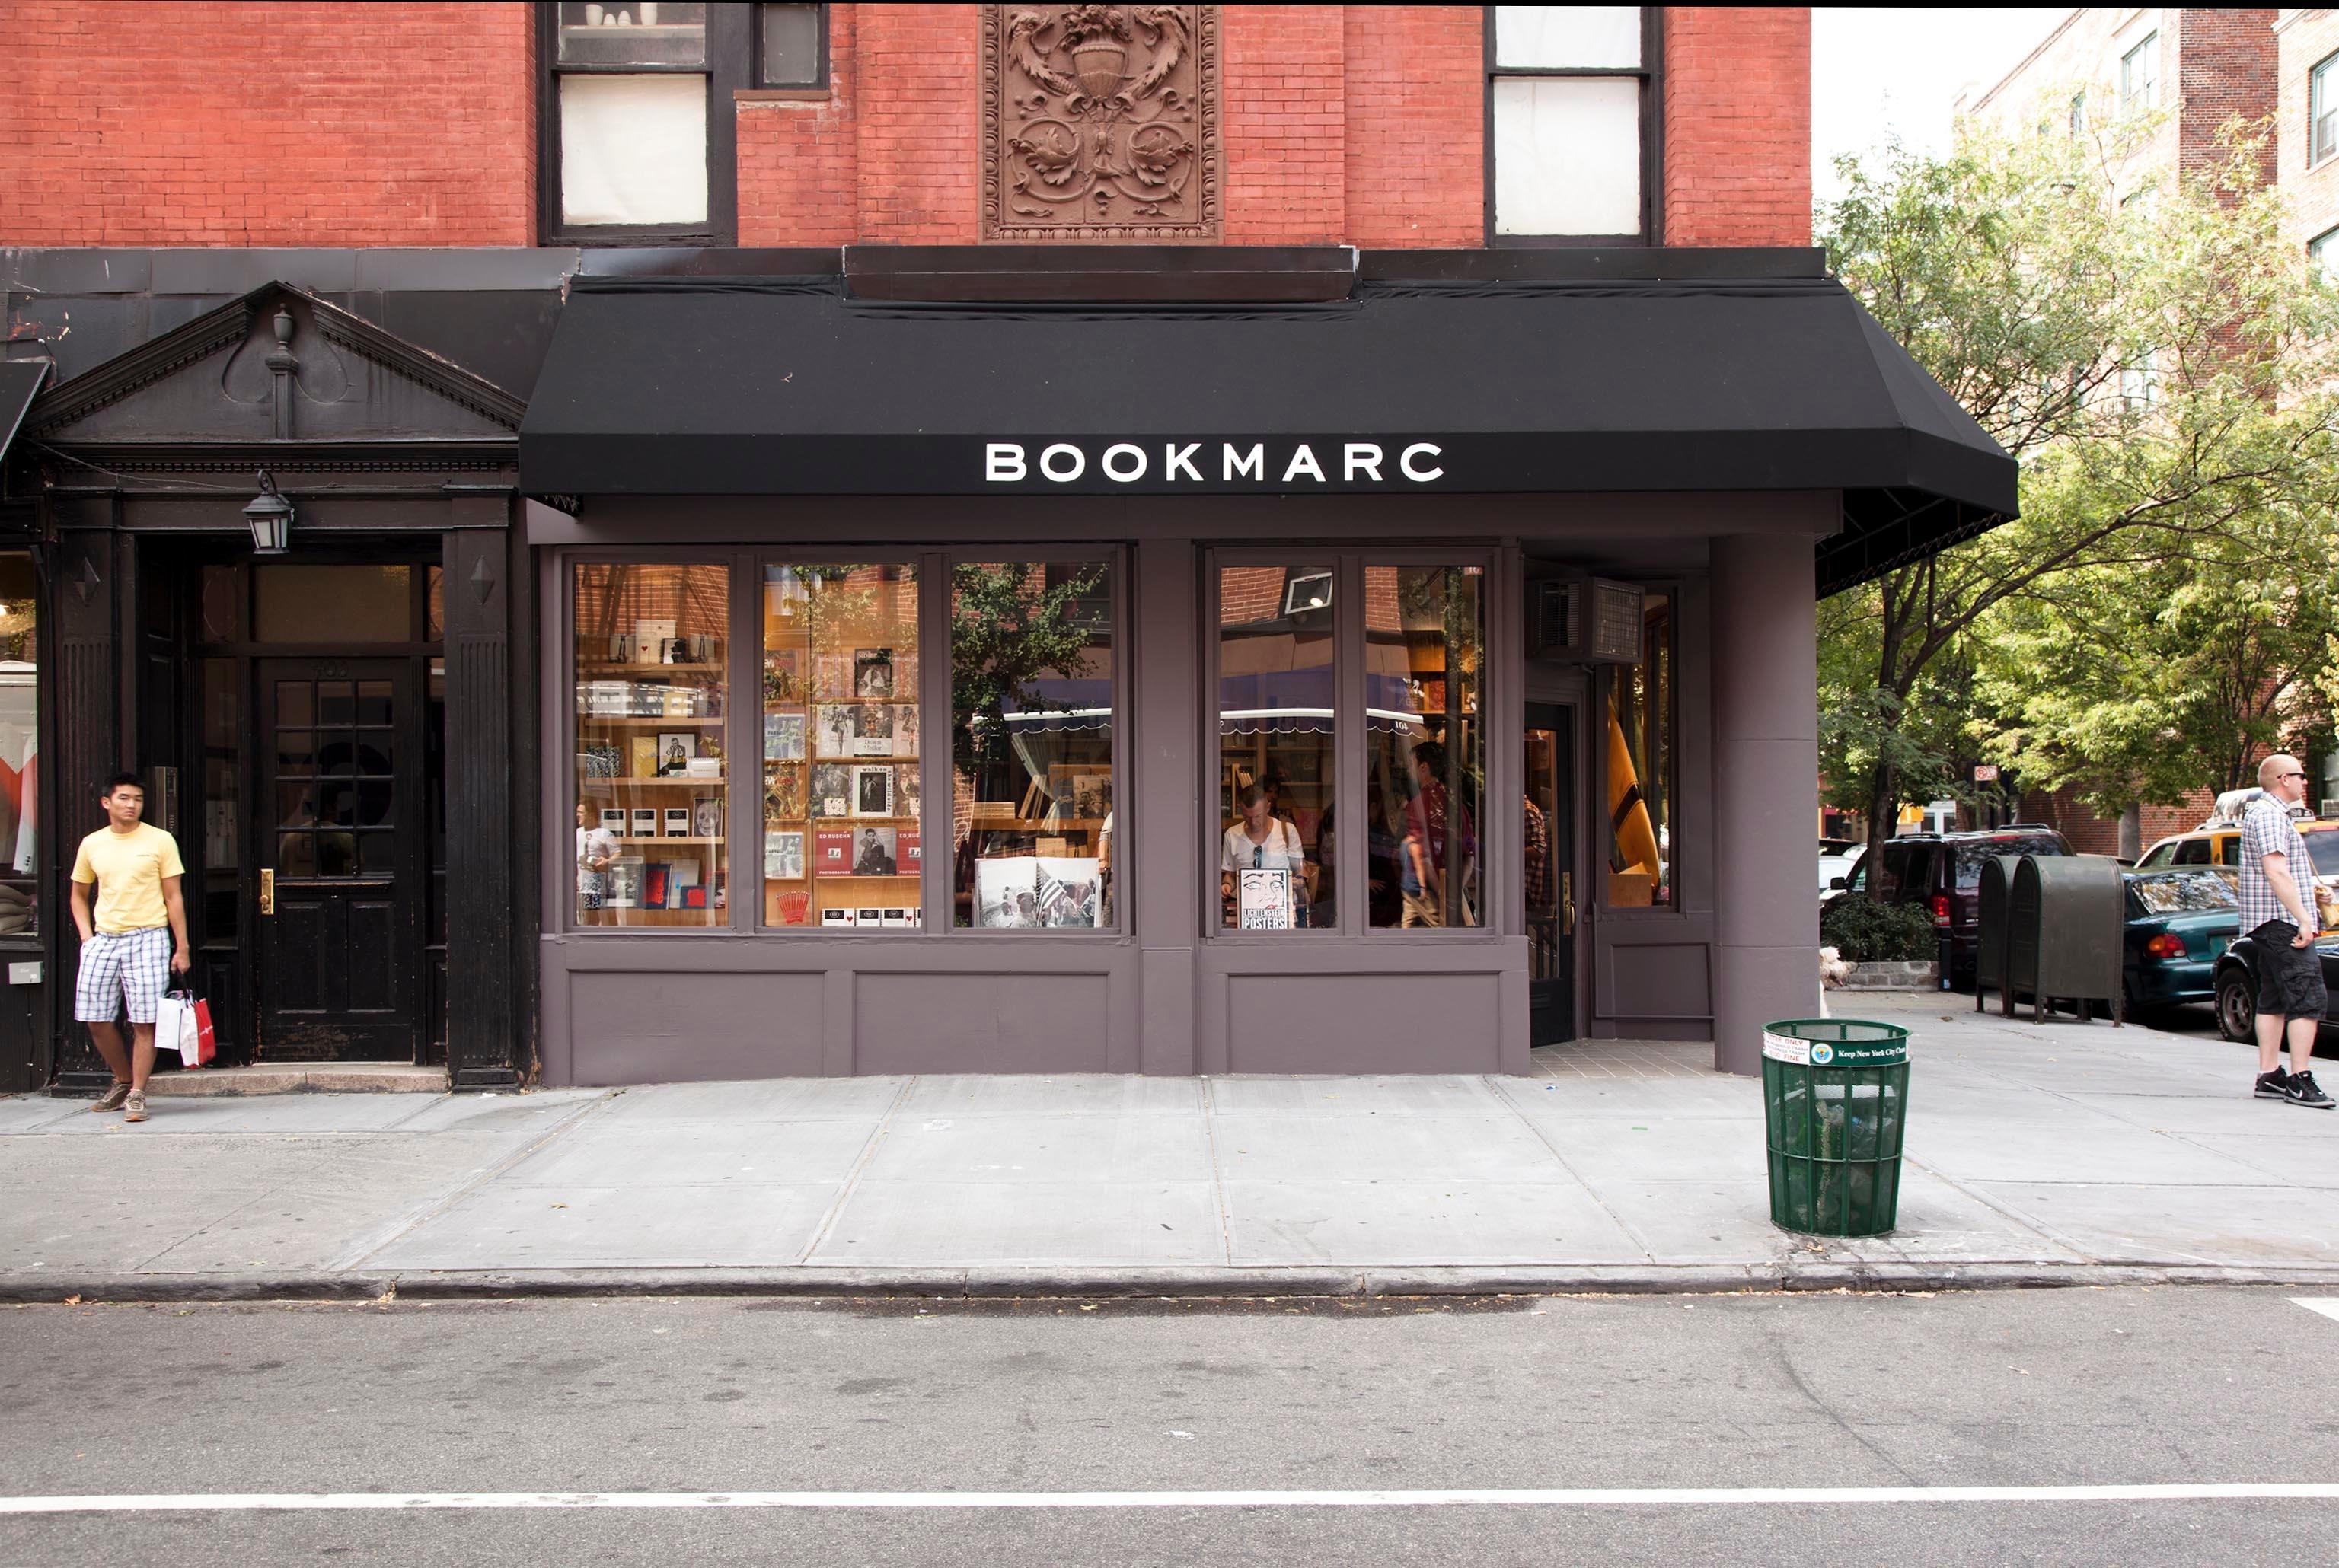 Bookmarc image 1